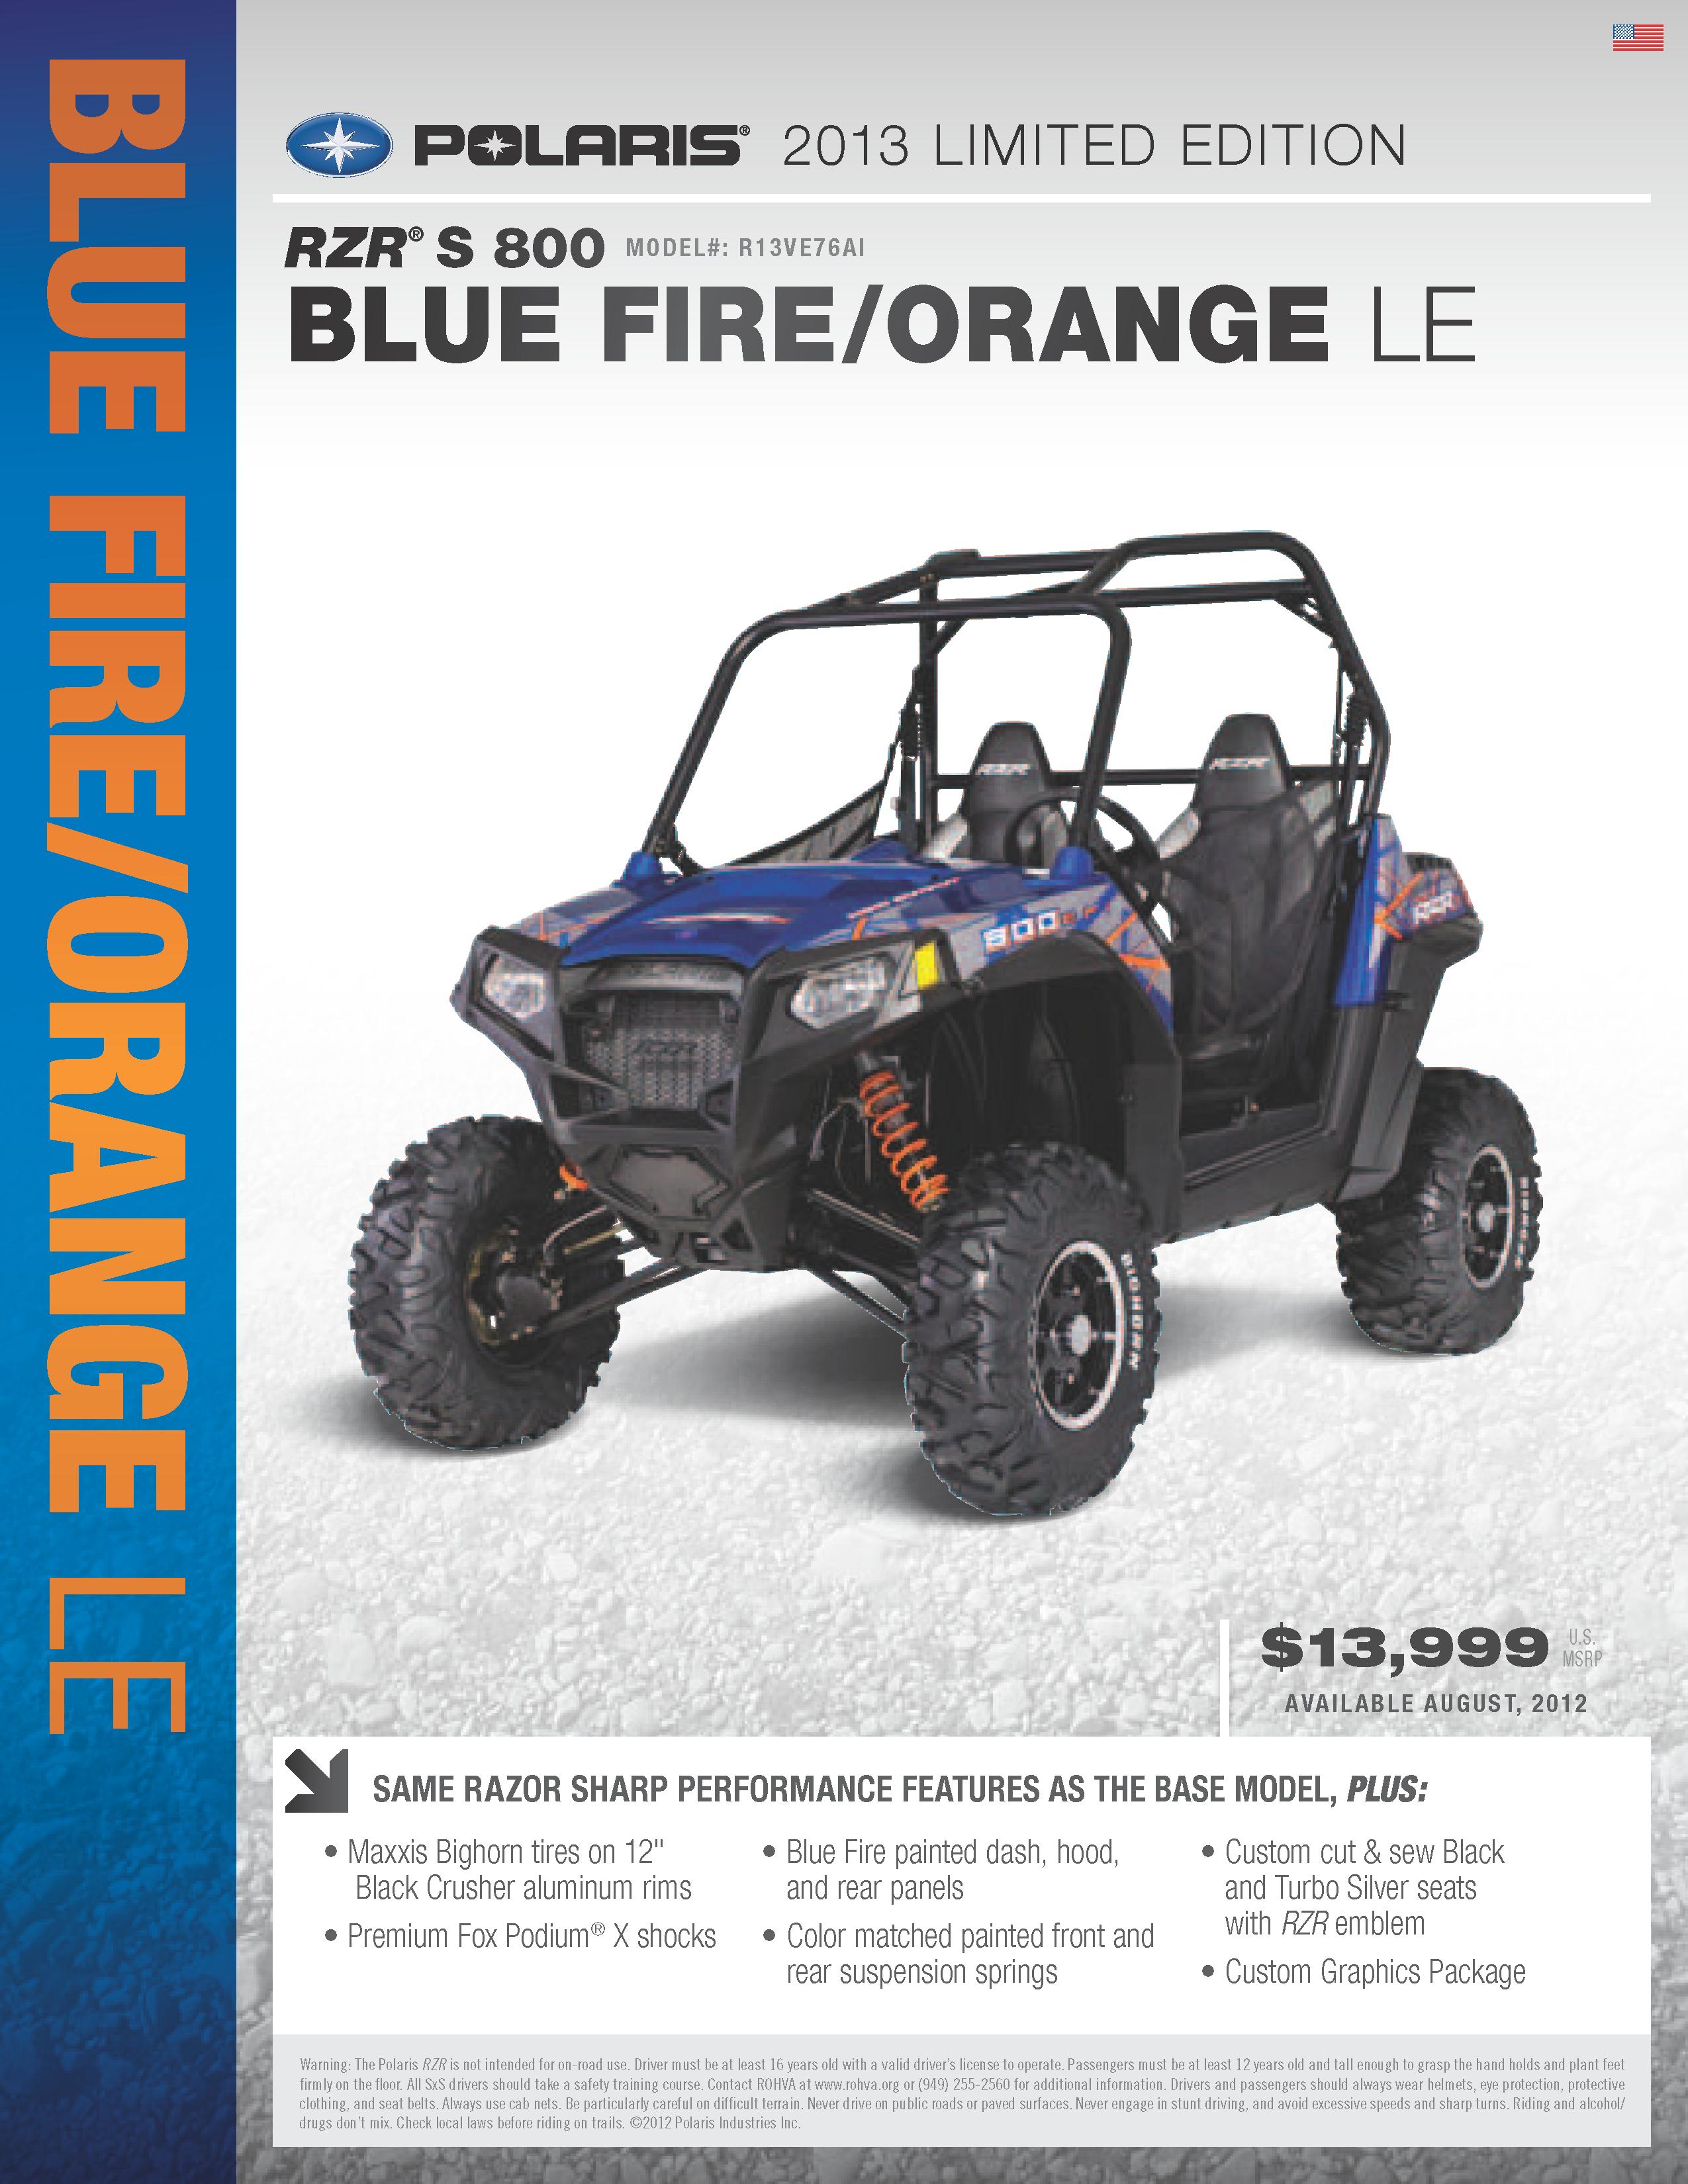 2013 Polaris Ranger RZR S 800 - blue fire and orange LE